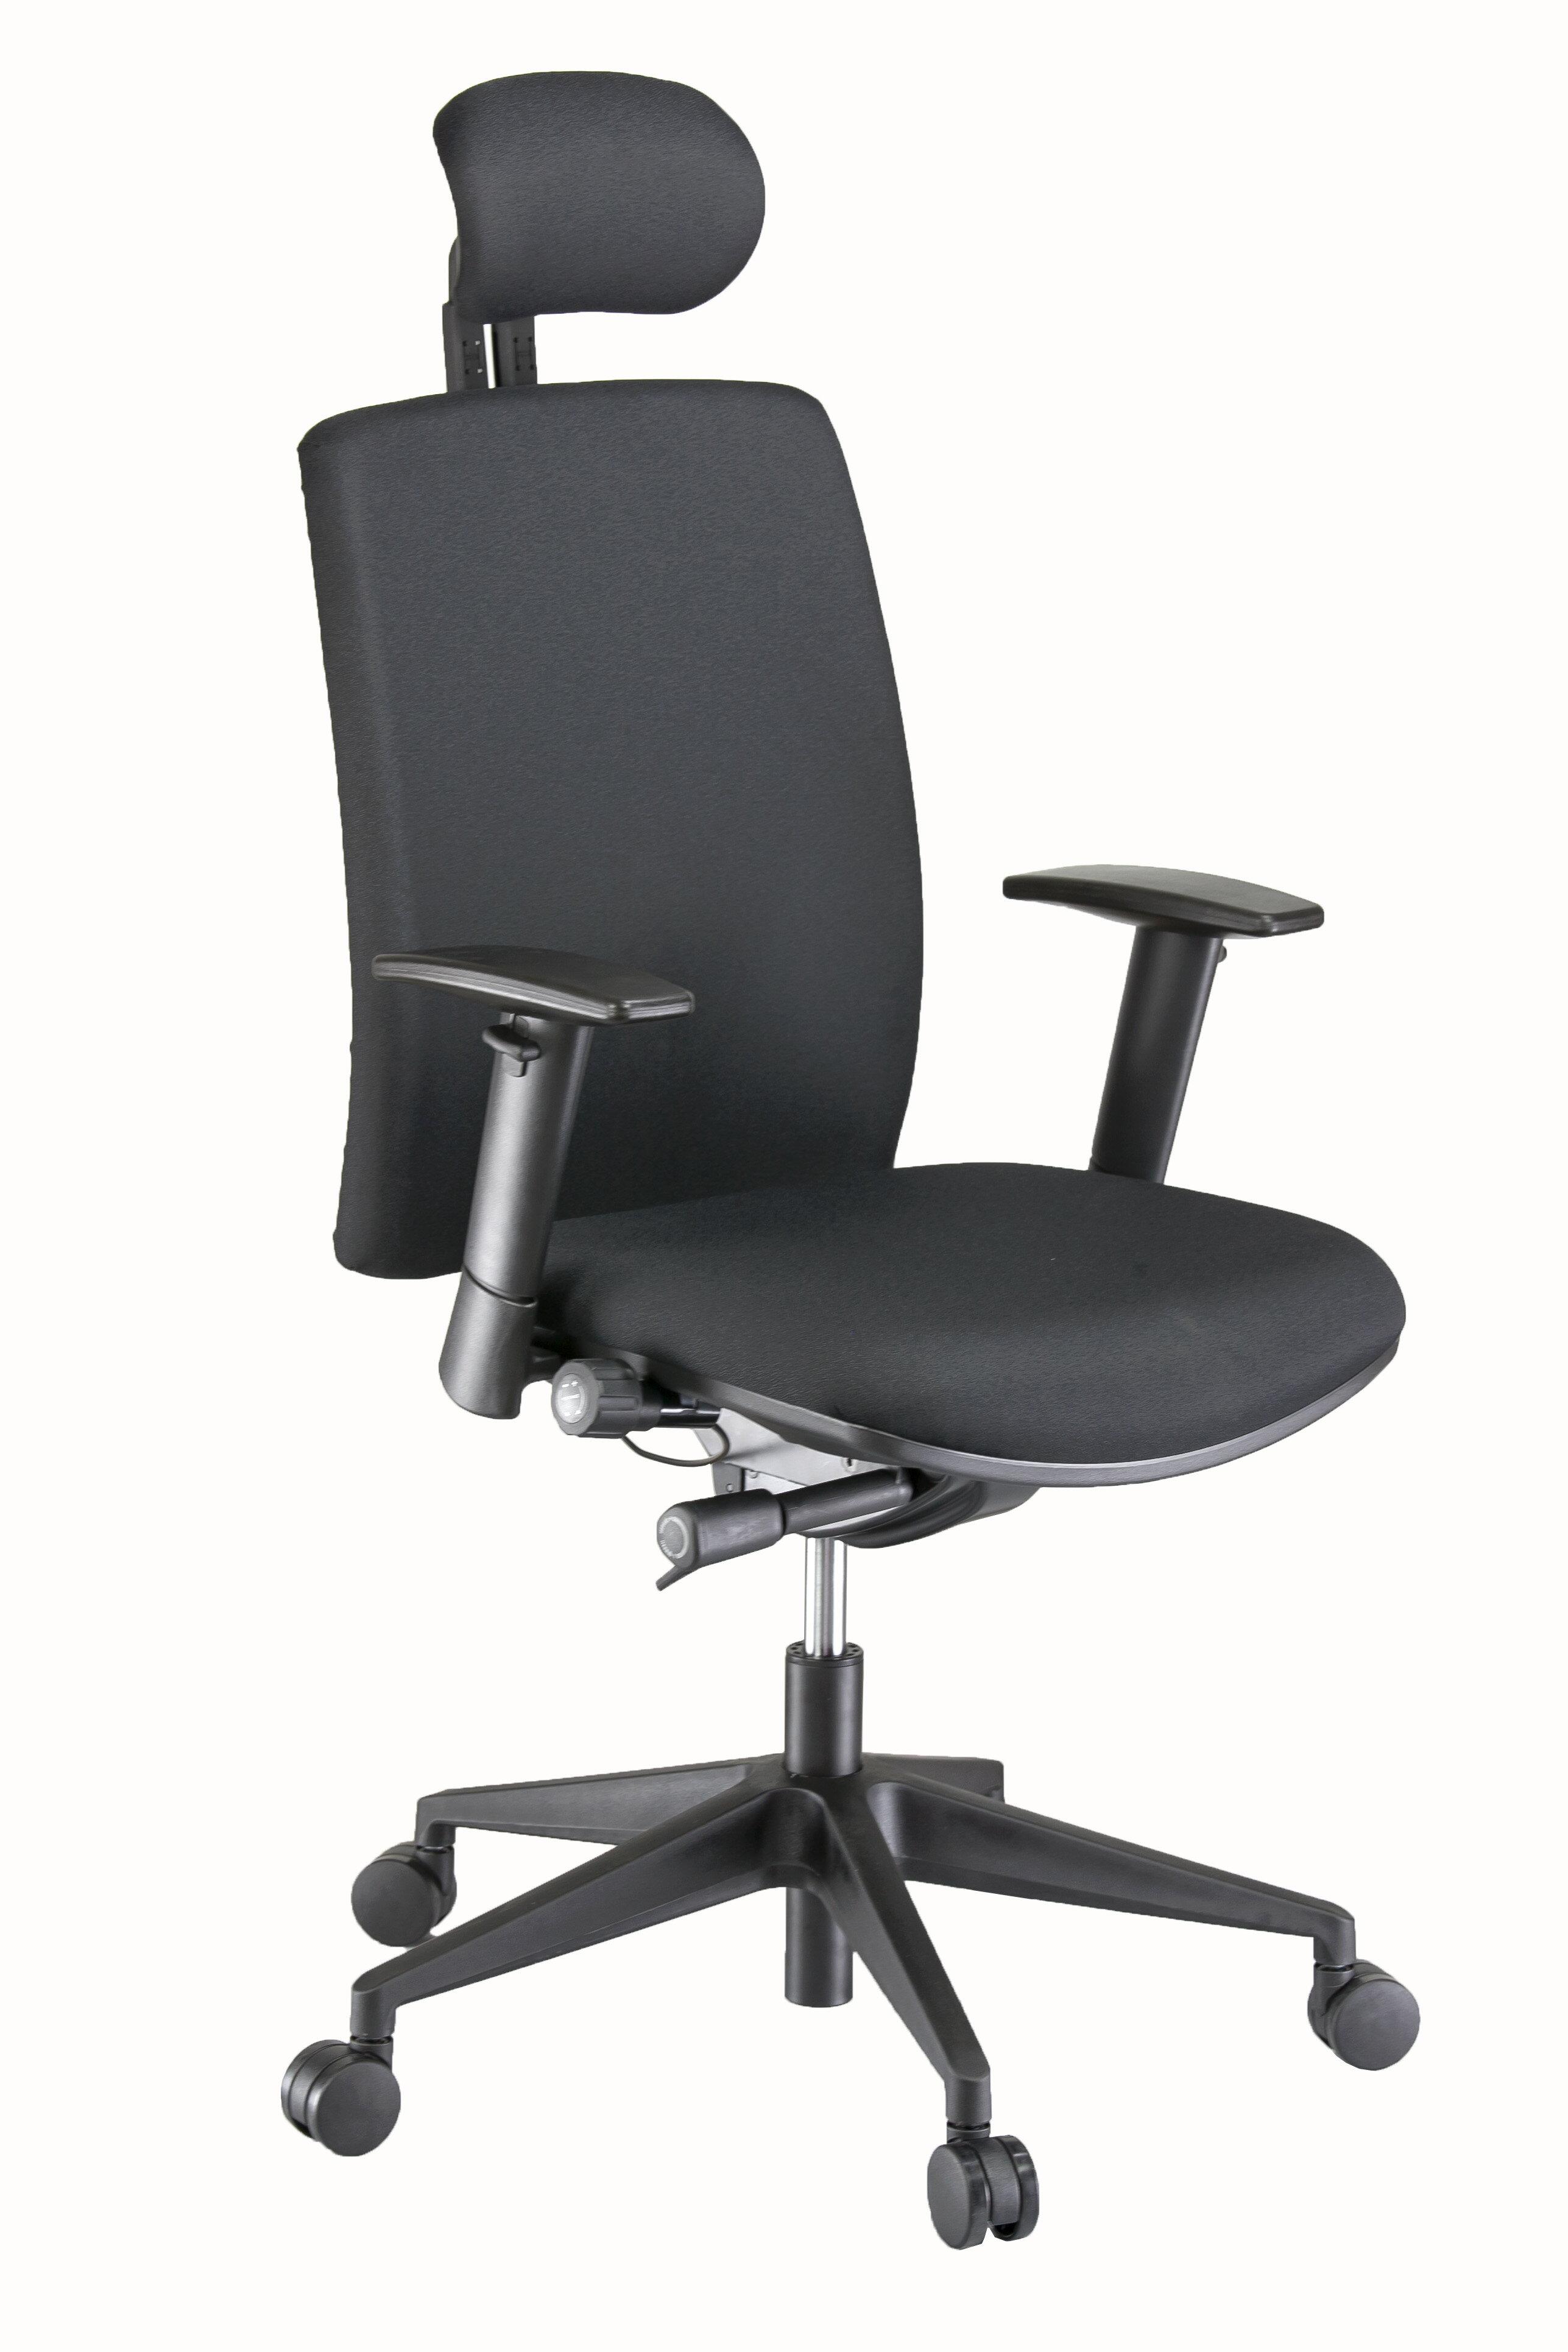 辦公椅 人體工學椅 網椅 電腦椅 會客椅 書桌椅 舒適泡棉 佑恩家居 707CSH 辦公椅